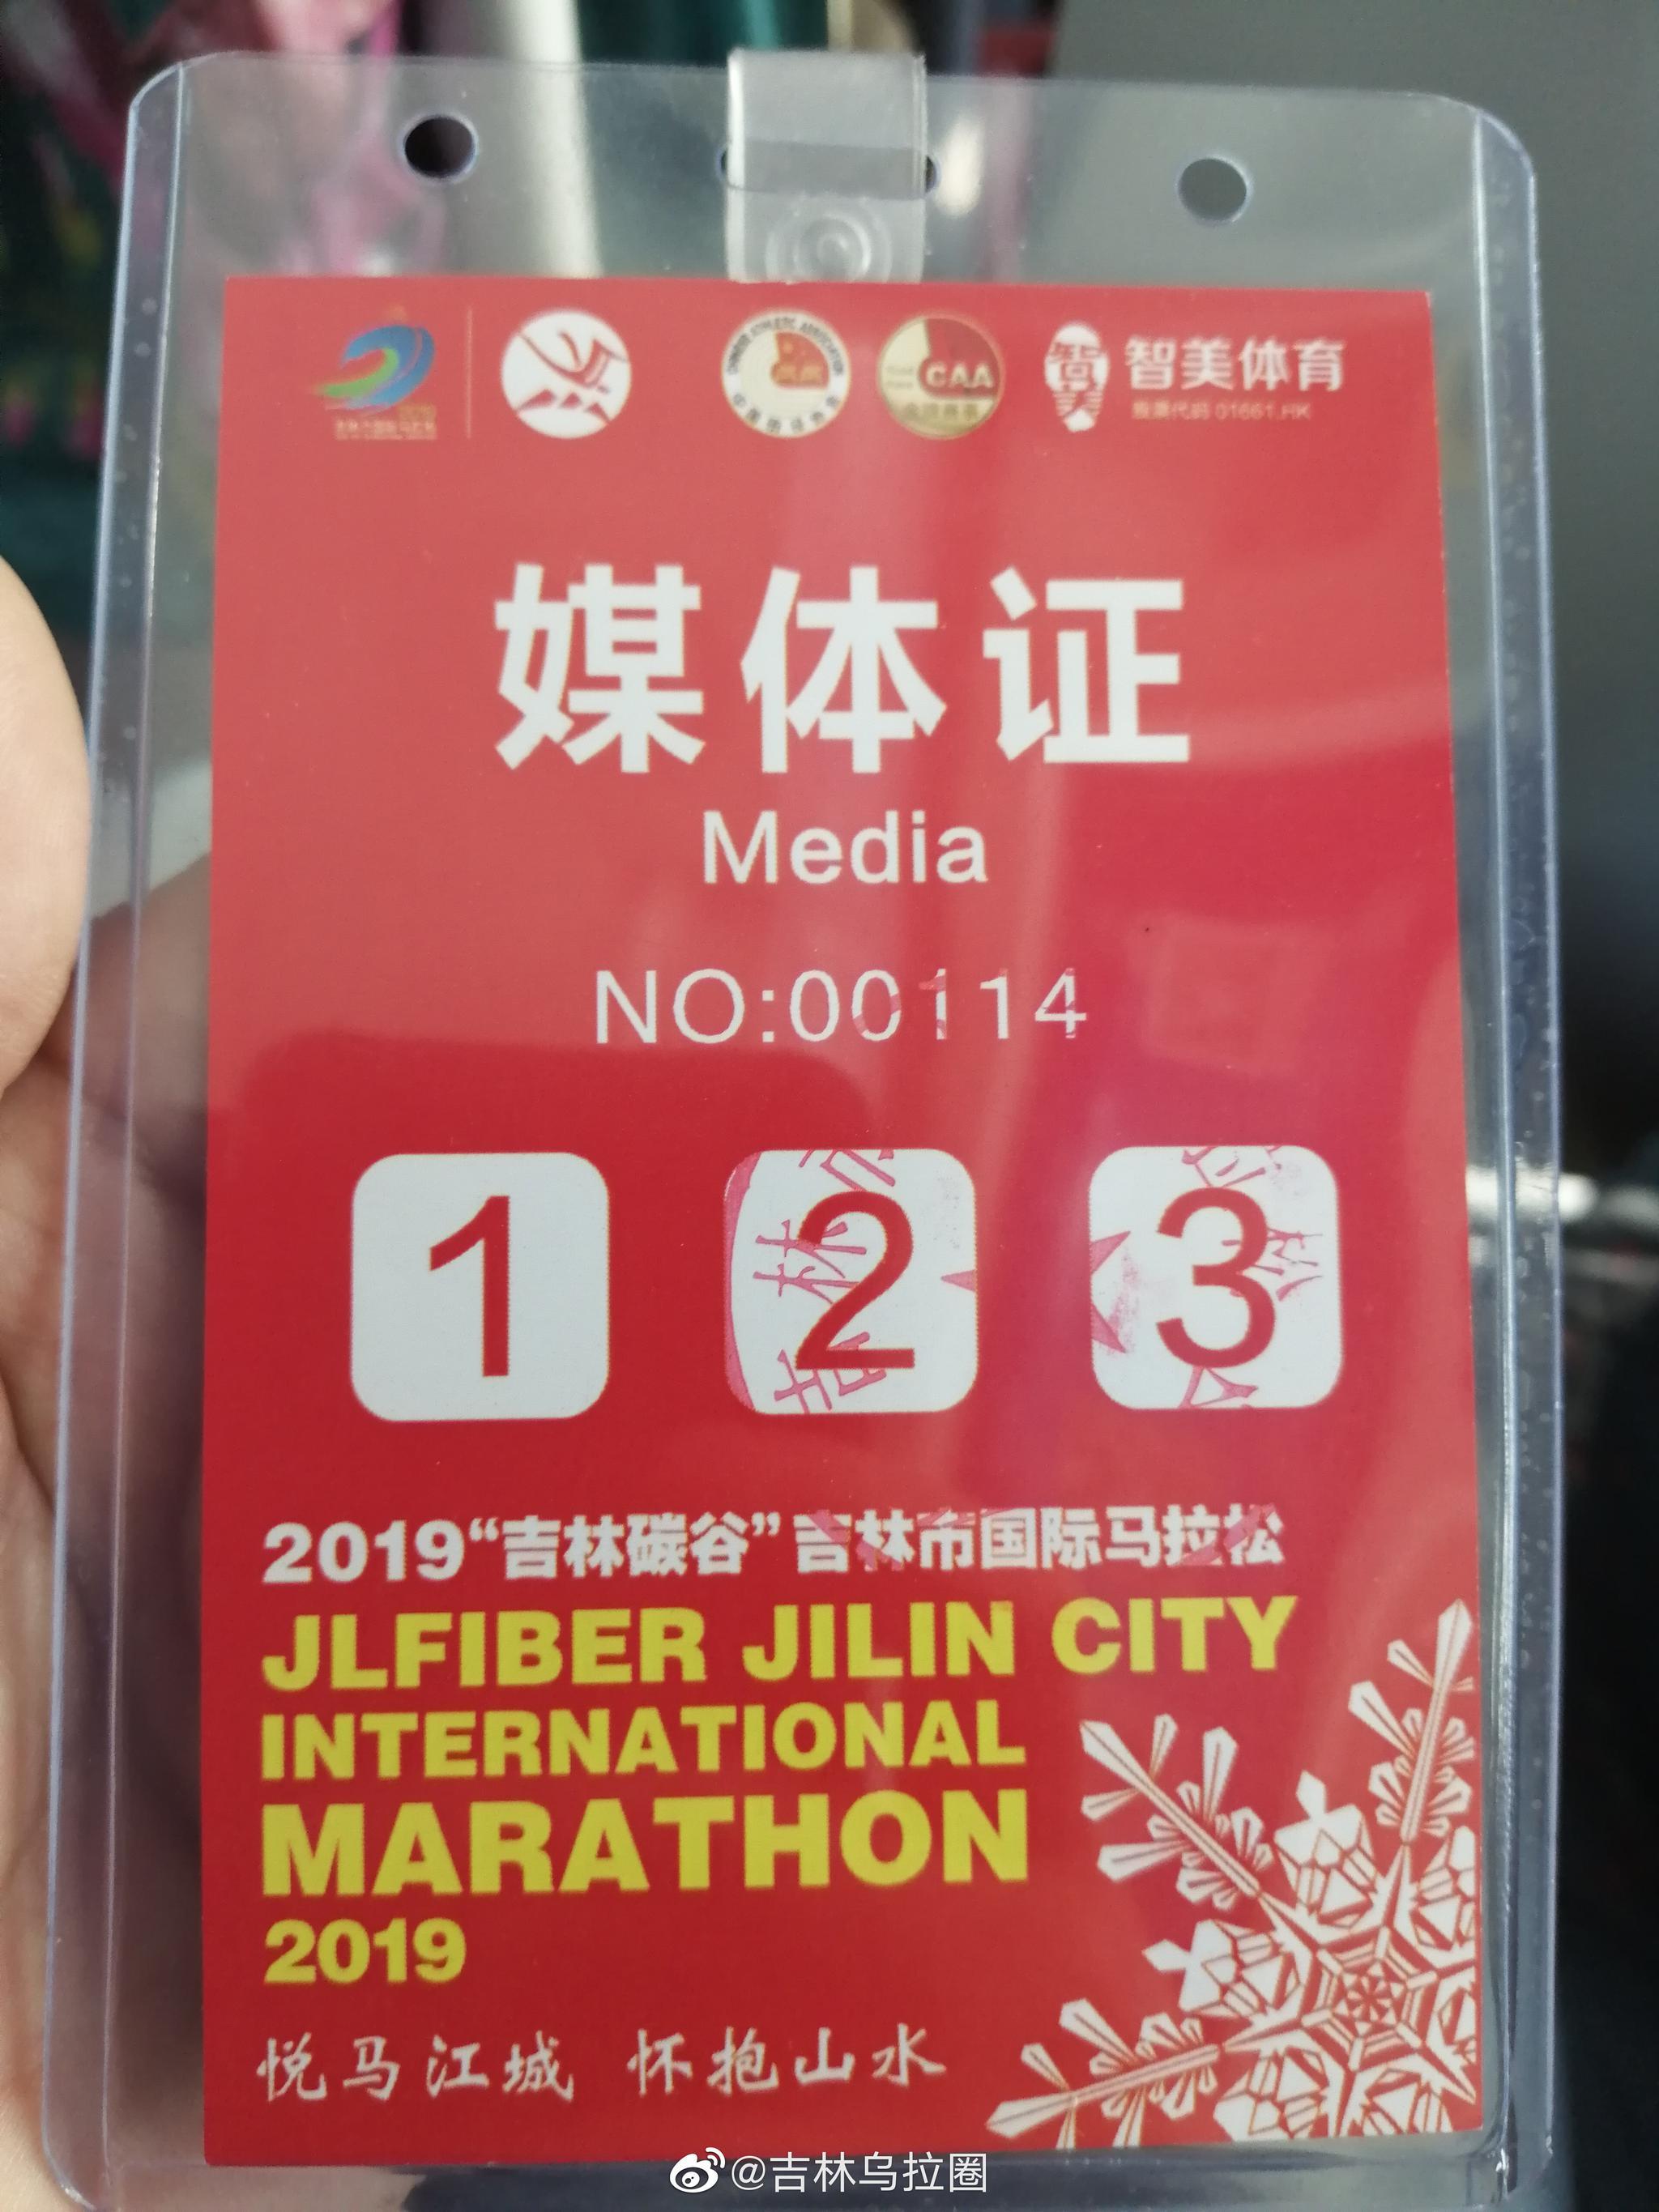 """2019""""吉林碳谷""""吉林市国际马拉松——我来了,记者采访证已到手"""